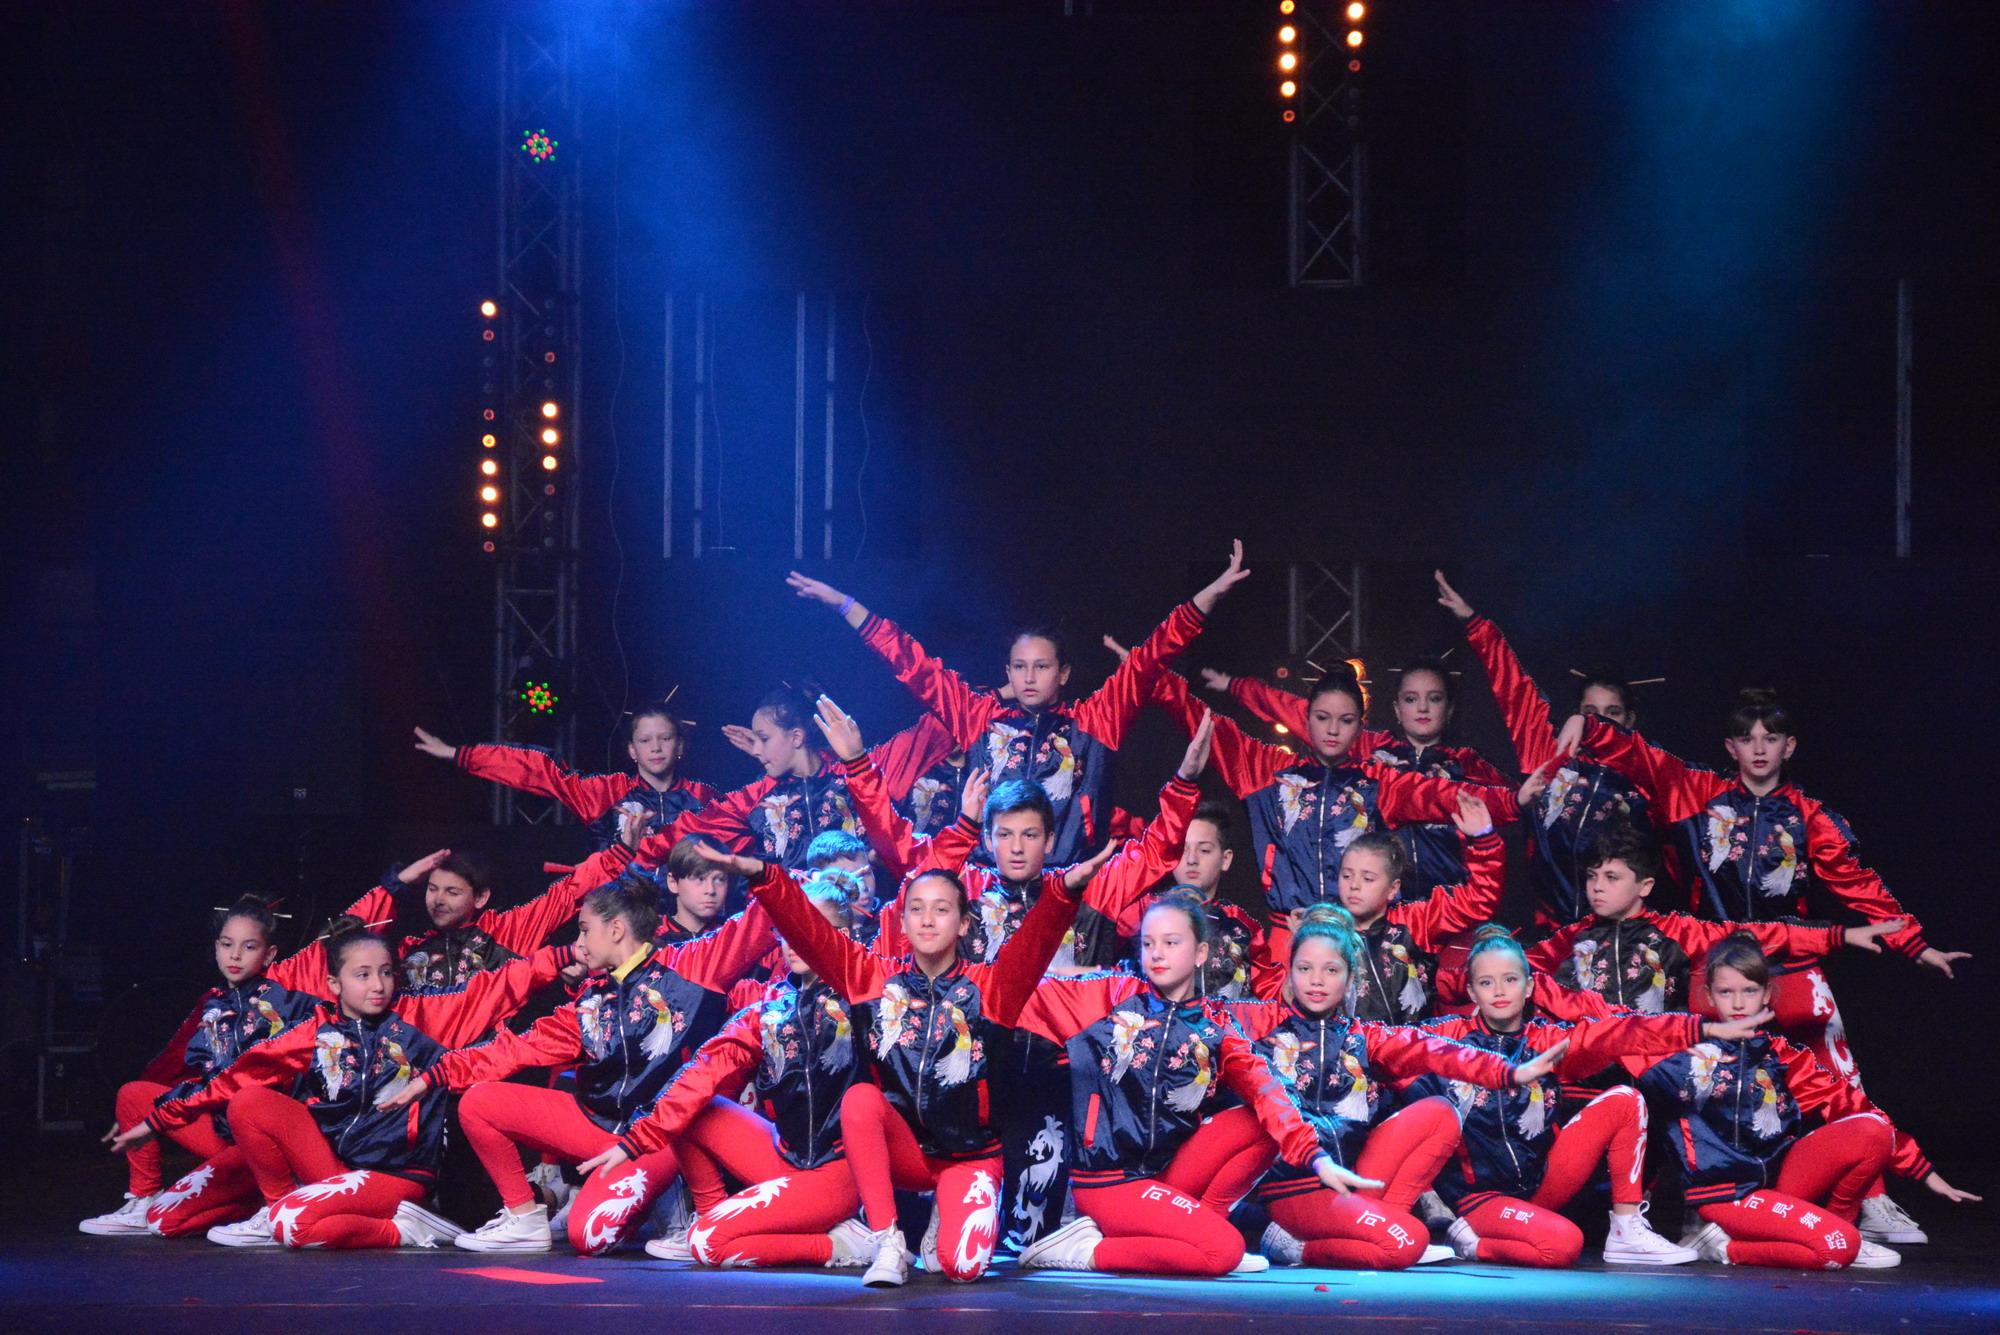 Чемпионы всеизраильского конкурса танцев «Гимнастрада 2018» в Тель-Авиве!